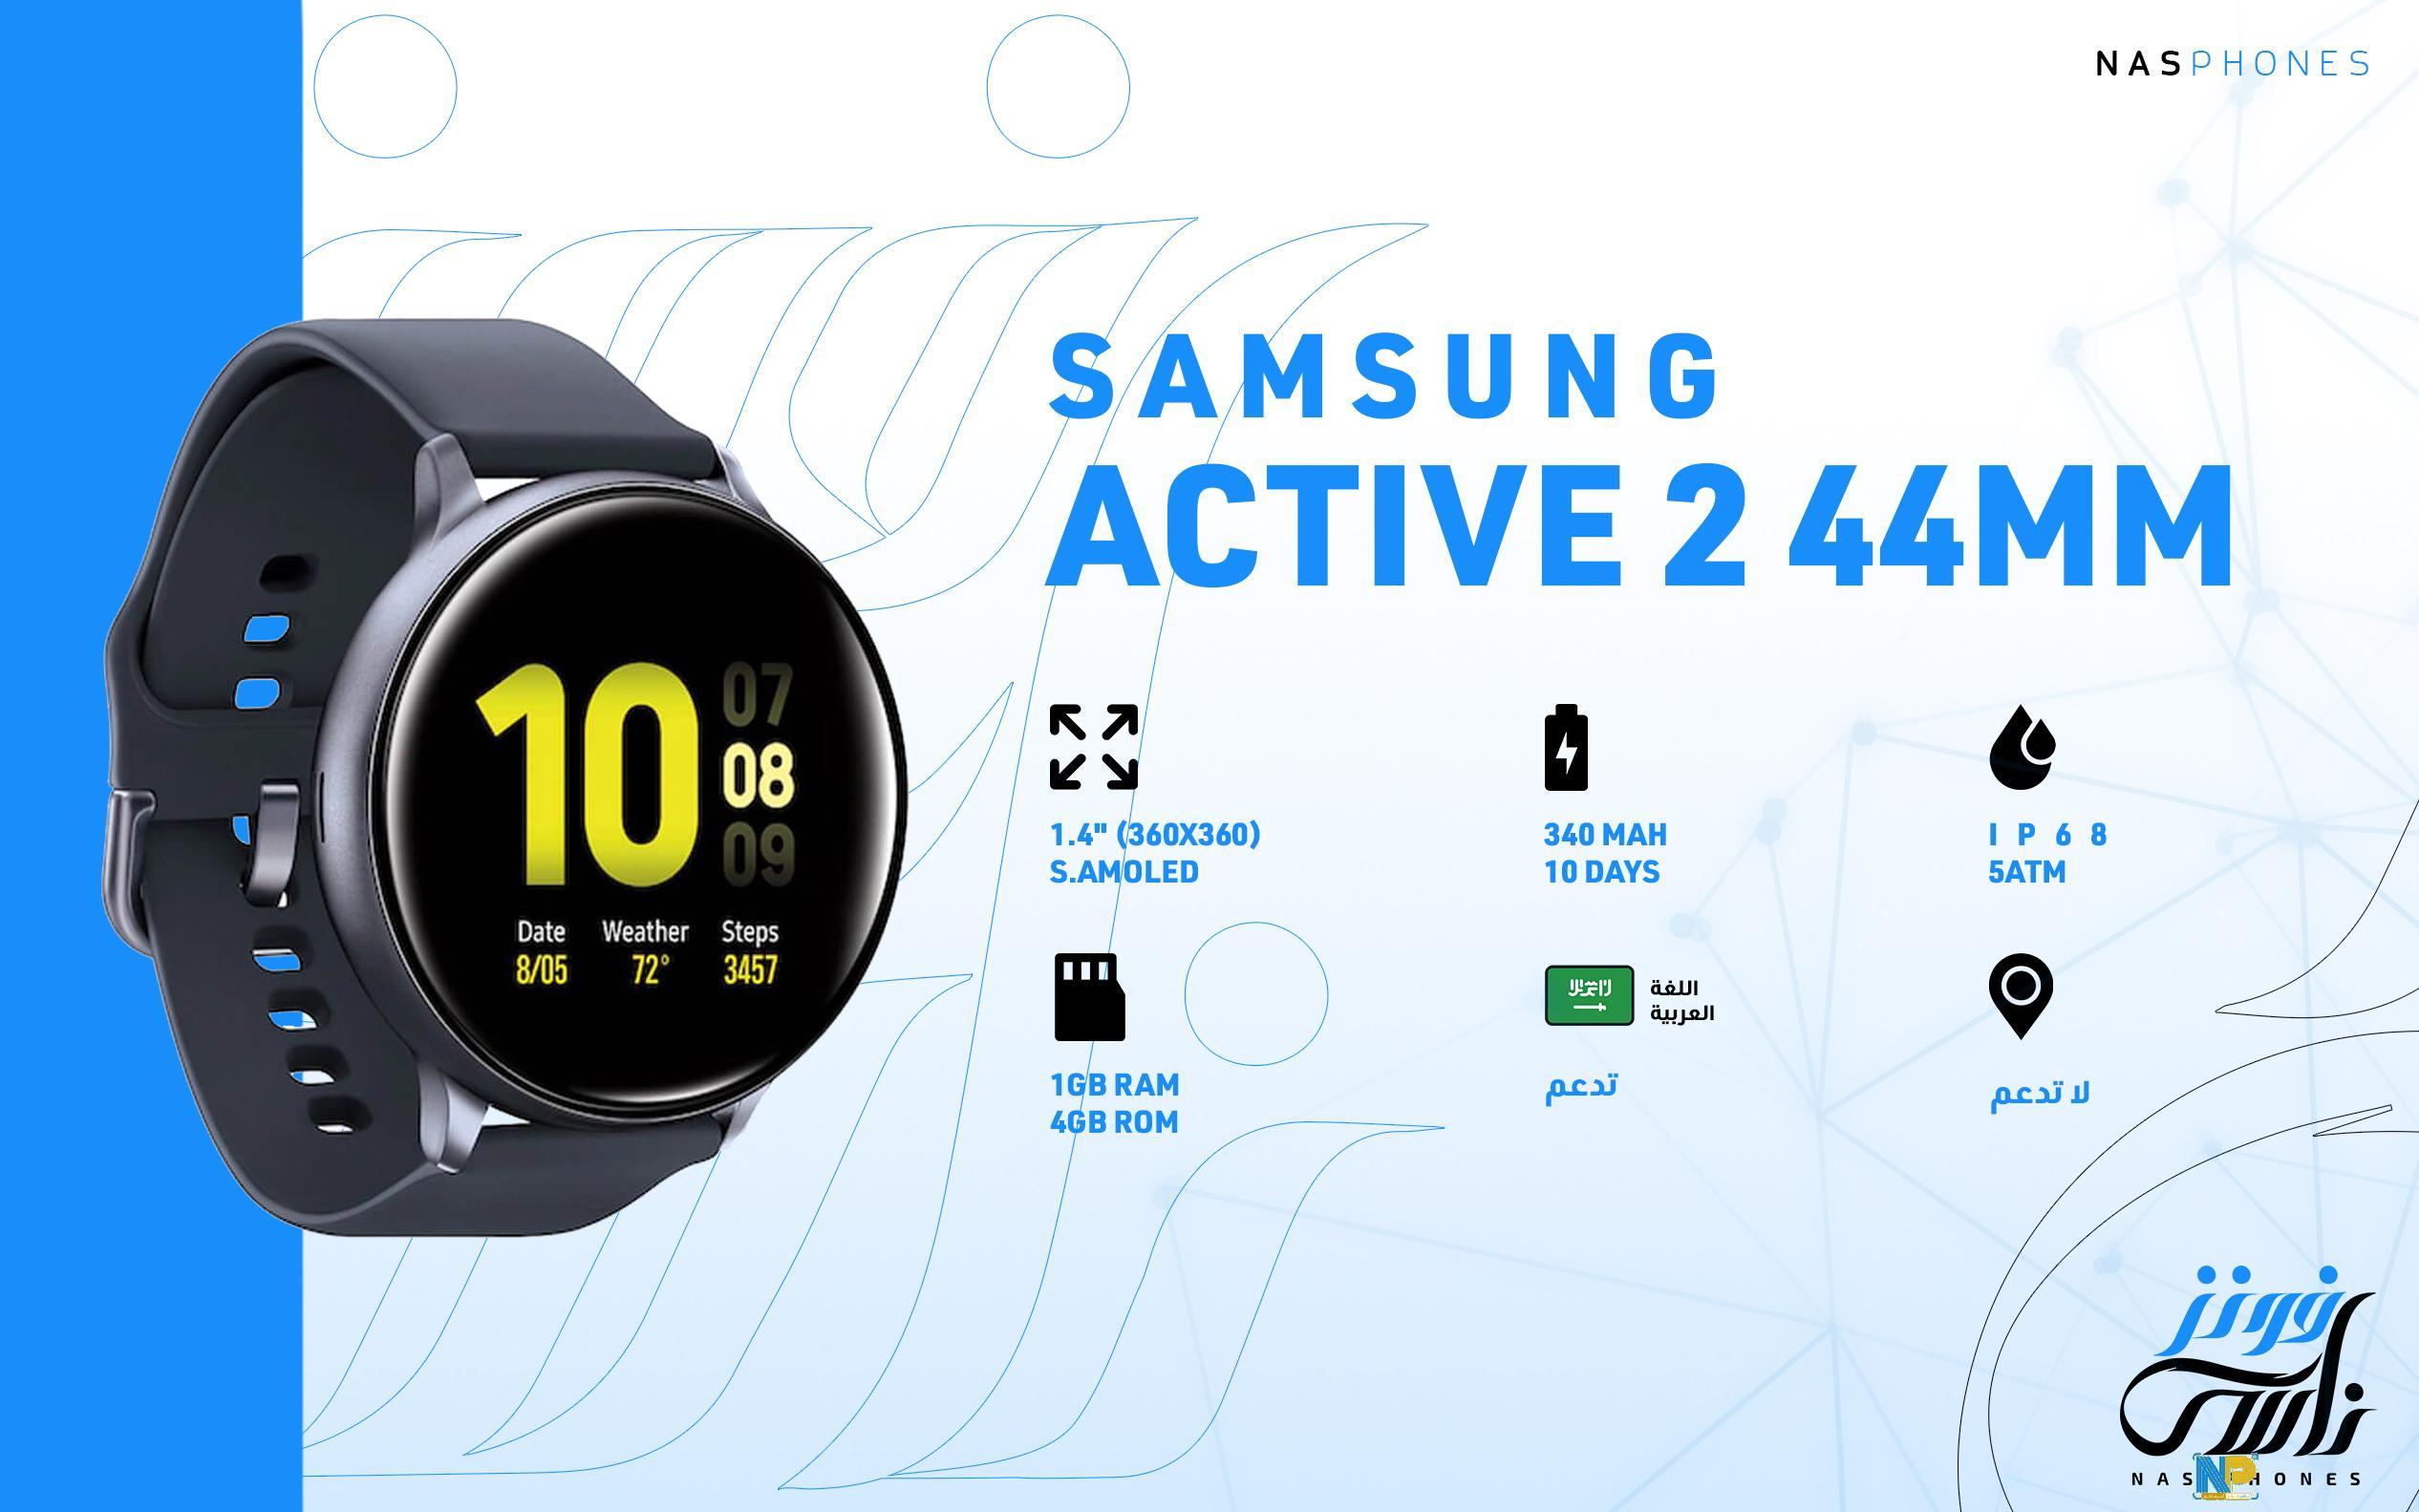 ساعة SAMSUNG Active 2 44mm